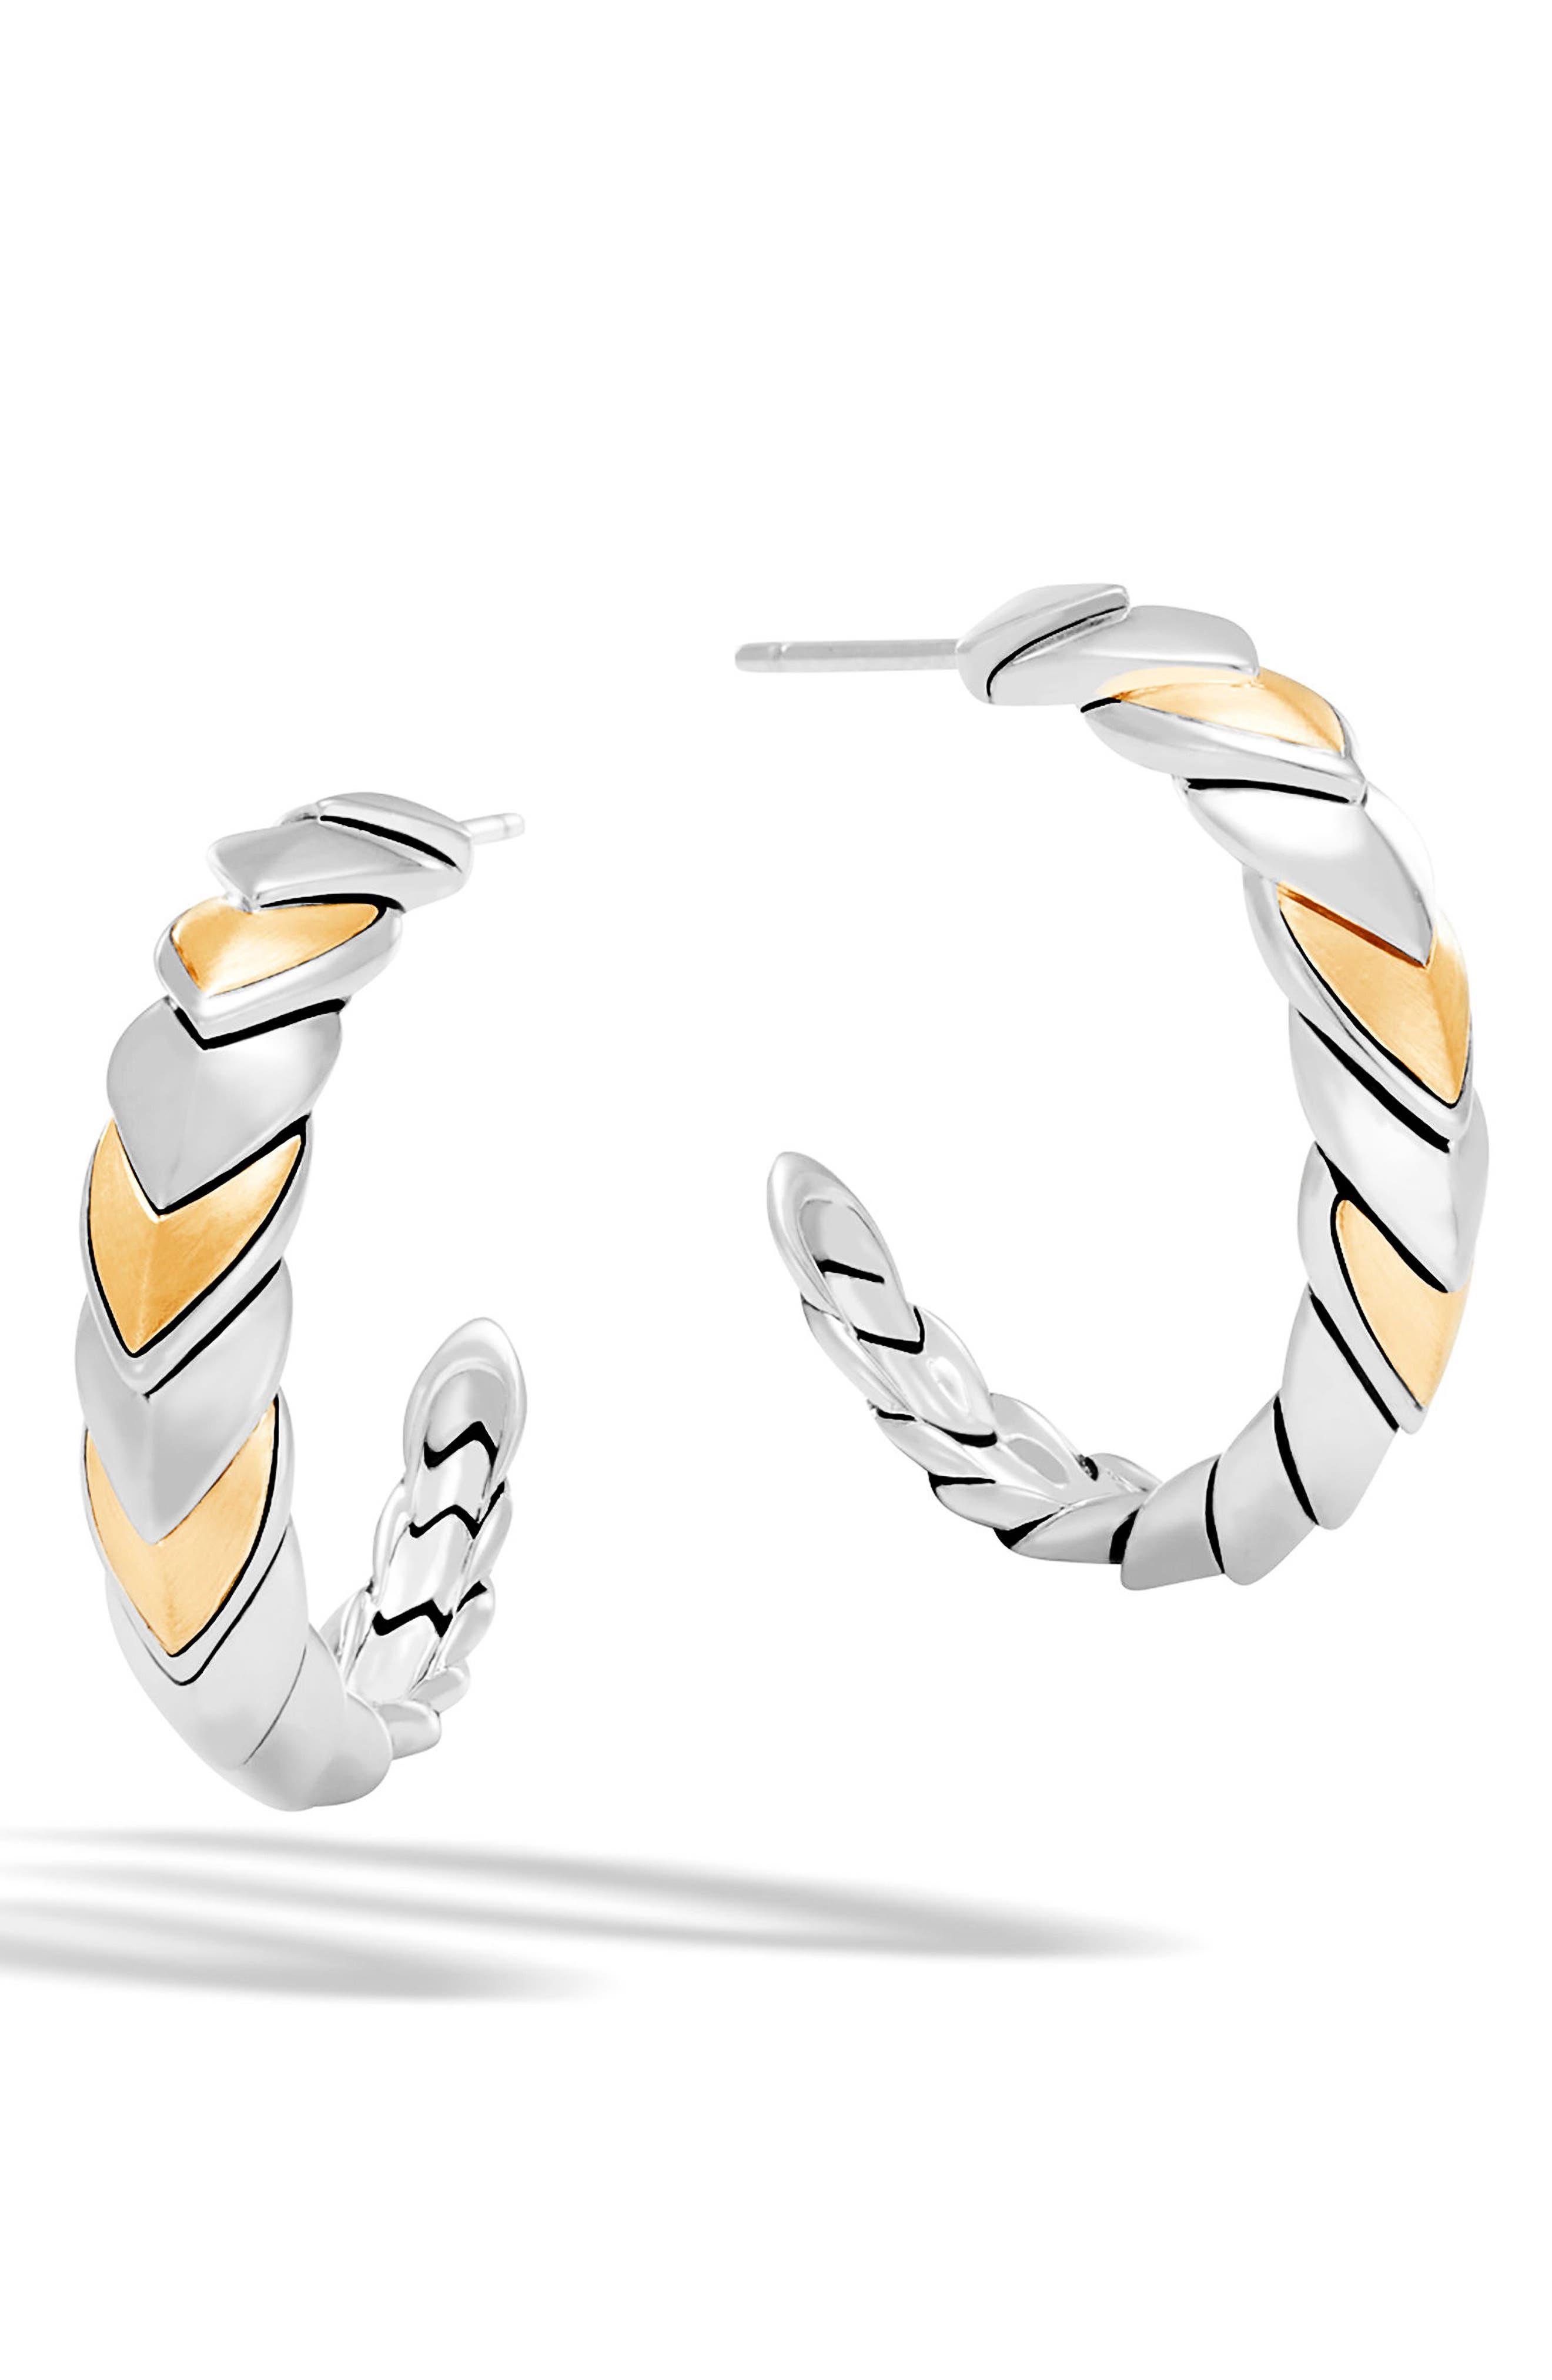 Legends Naga Hoop Earrings,                             Main thumbnail 1, color,                             Silver/ Gold